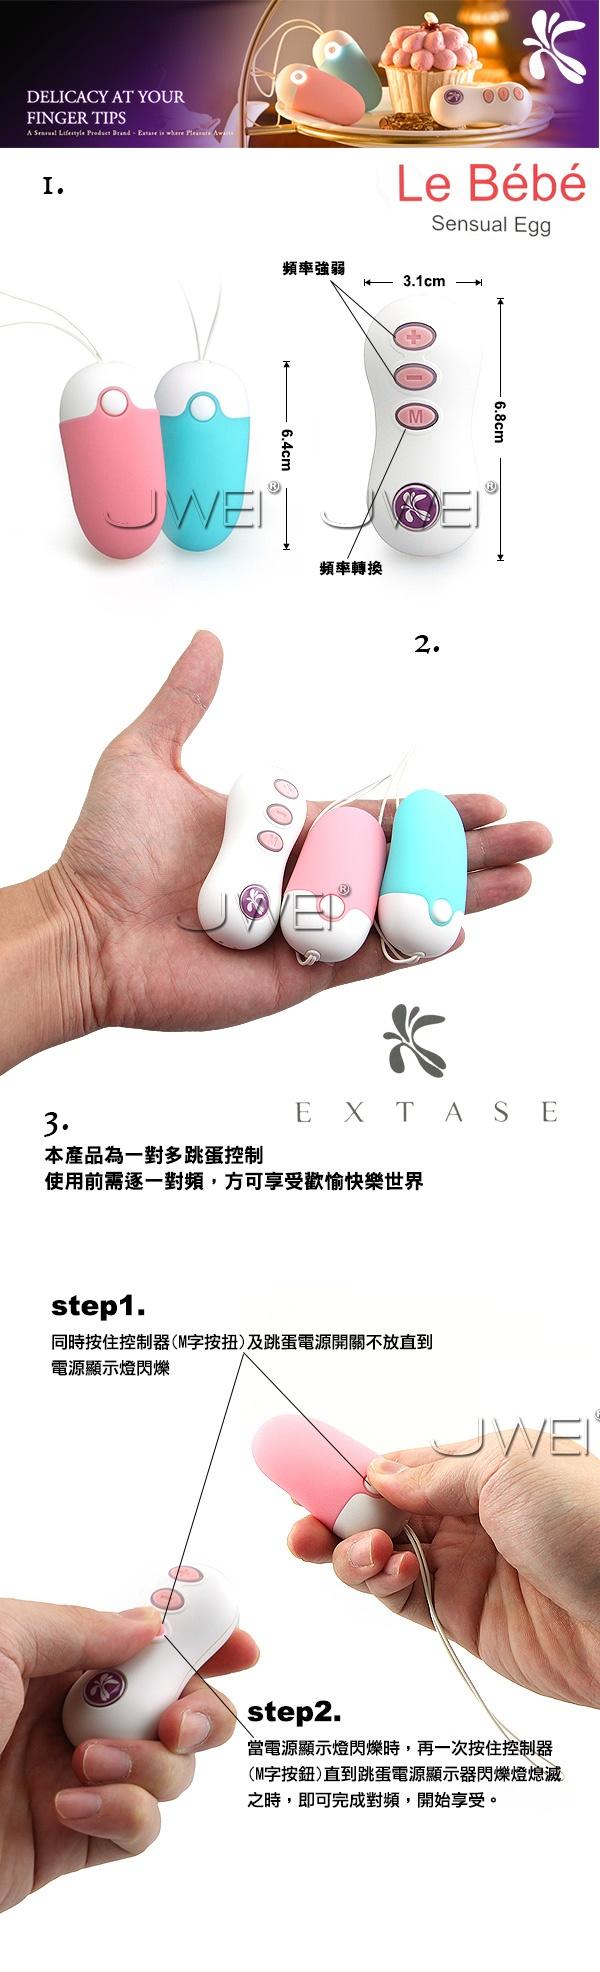 附圖3-(紅標)(9折)(部落客強力推薦)Extase.LE Bebe 小寶貝 USB充電精緻無線遙控雙子星跳蛋(內有開箱文)